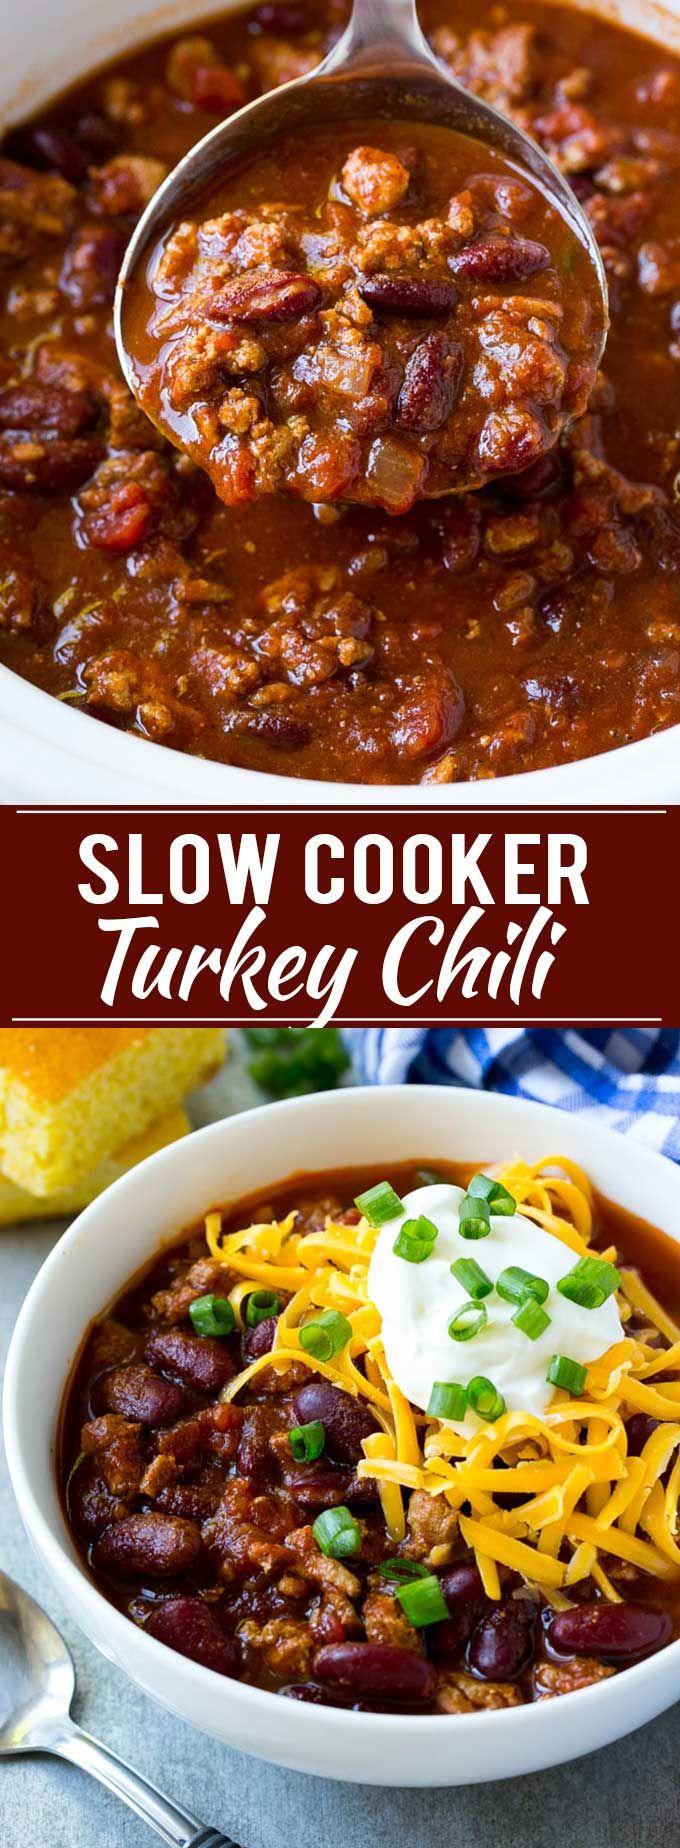 Slow Cooker Turkey Chili Recipe | Crockpot Chili | Turkey Chili | Chili With Beans Recipe | Healthy Chili Recipe